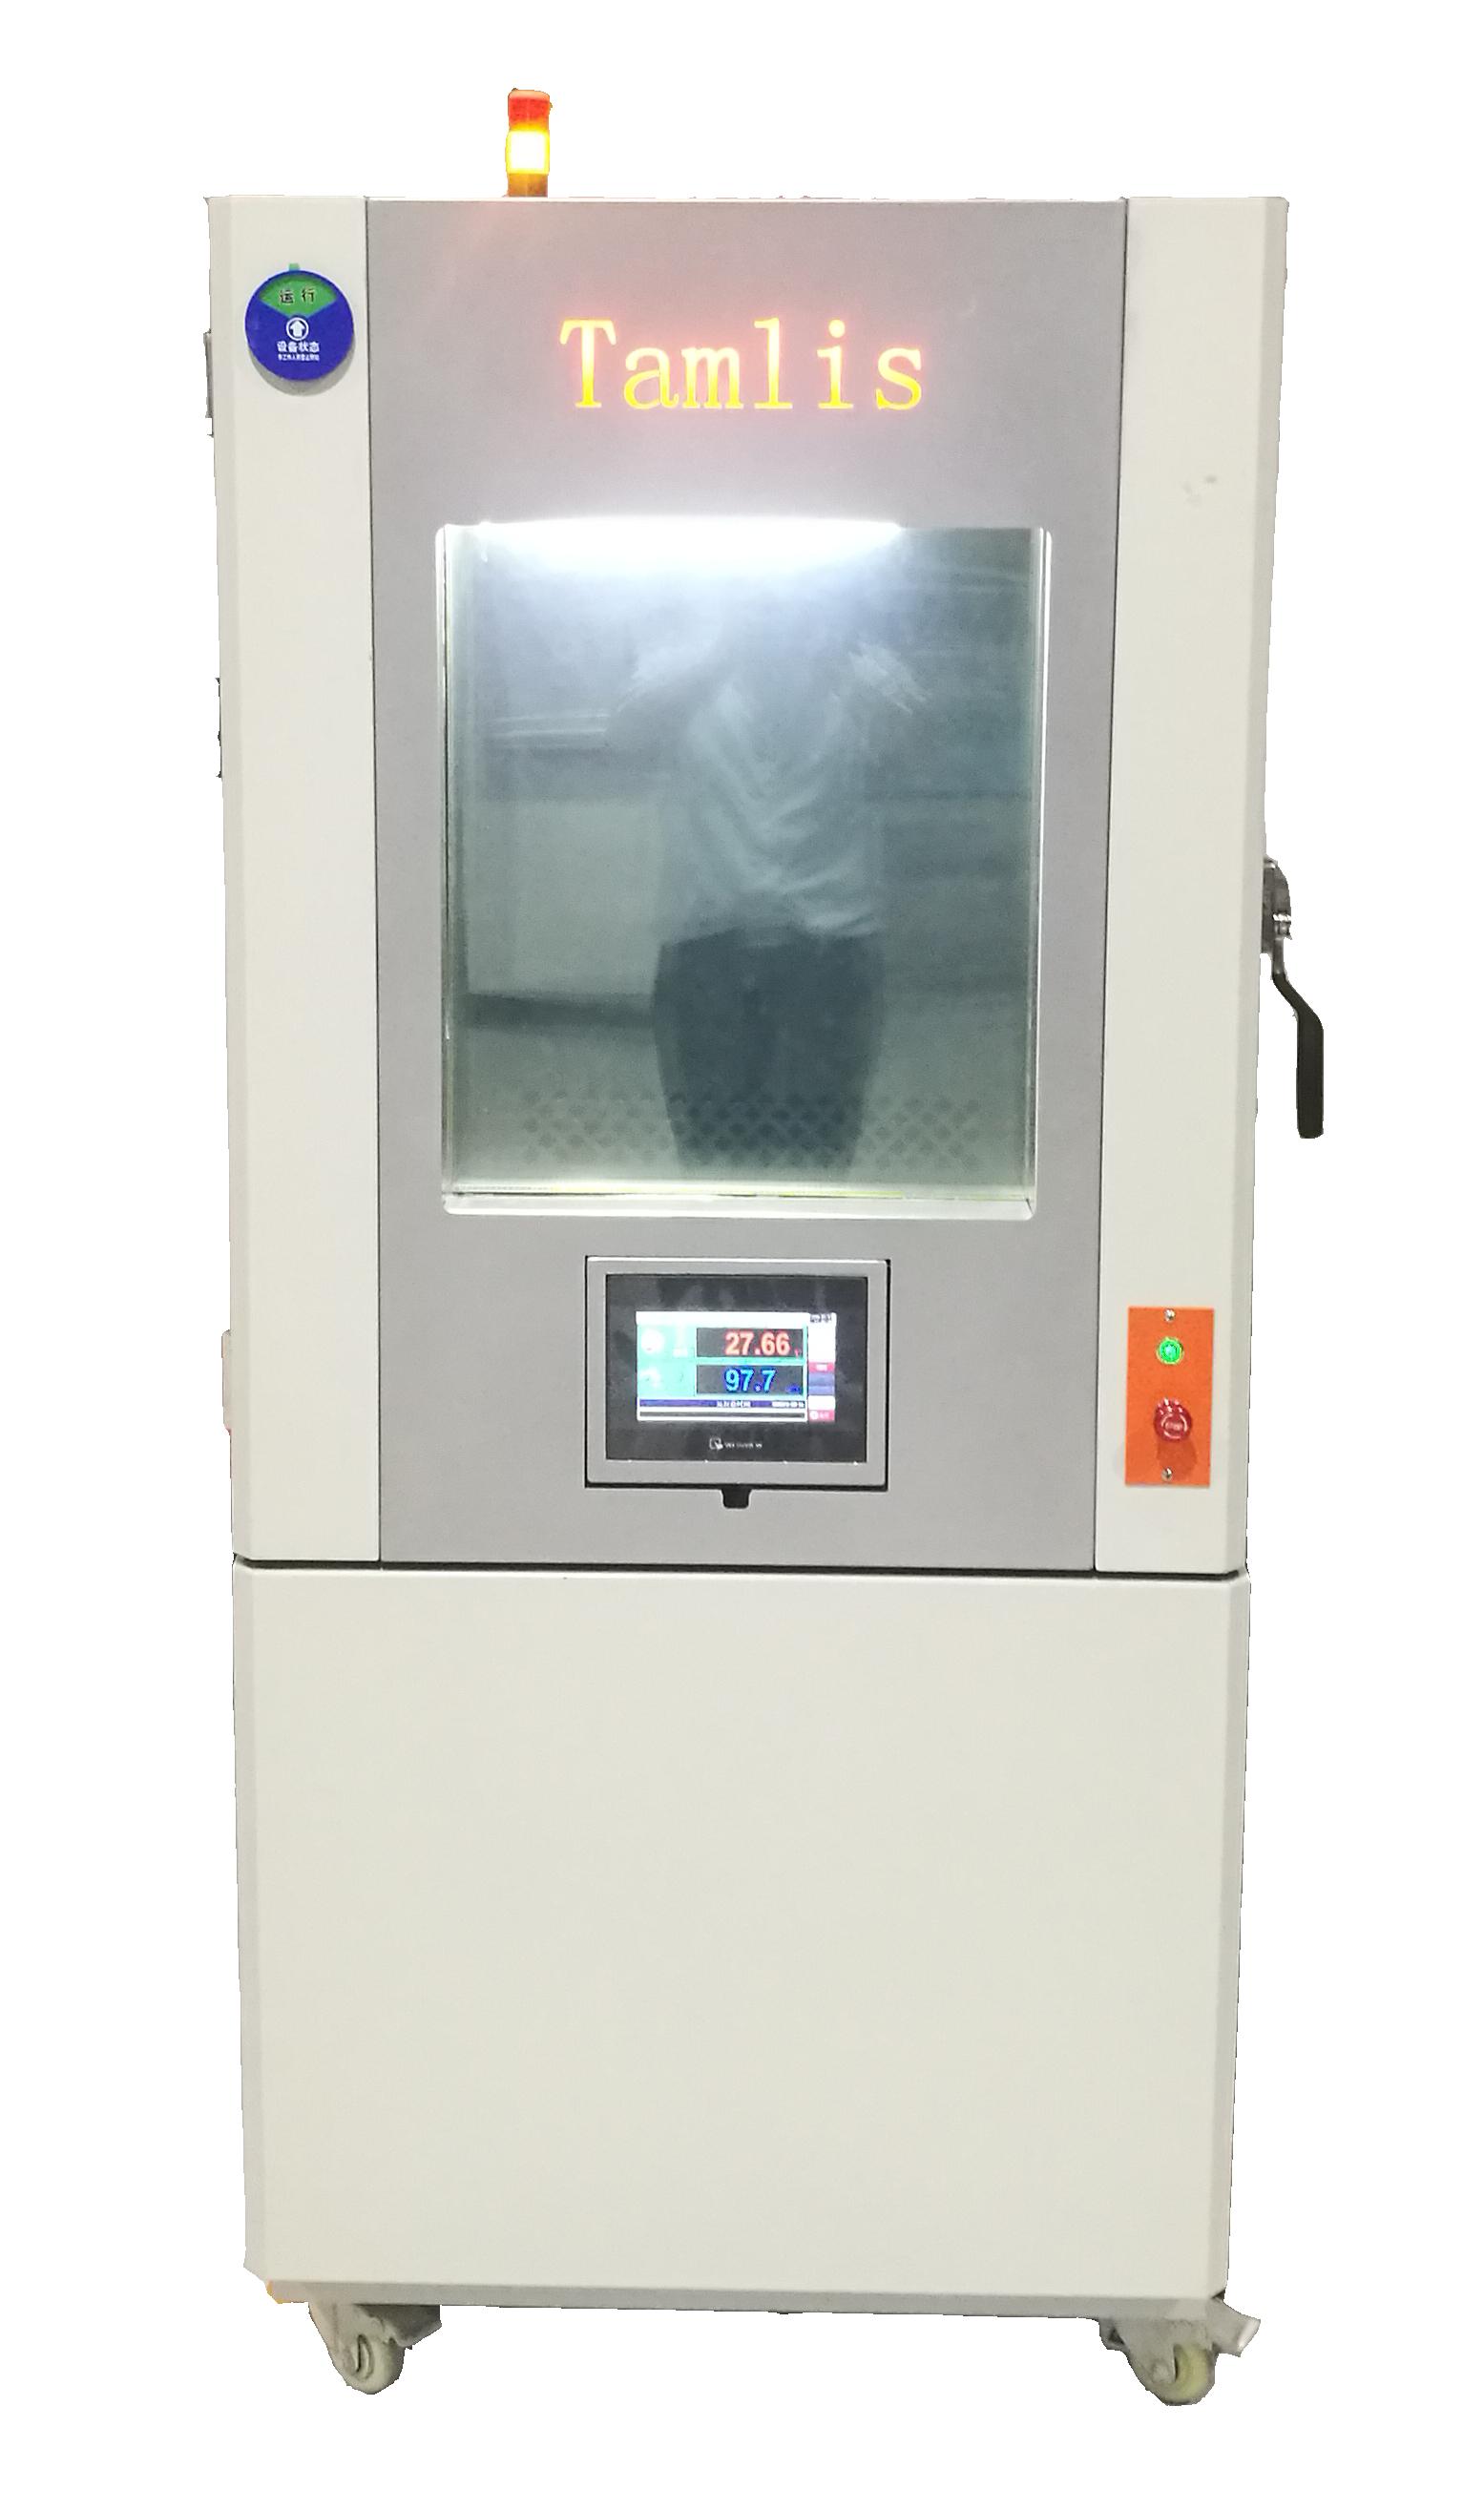 恒温恒湿箱压缩机异常解决方案